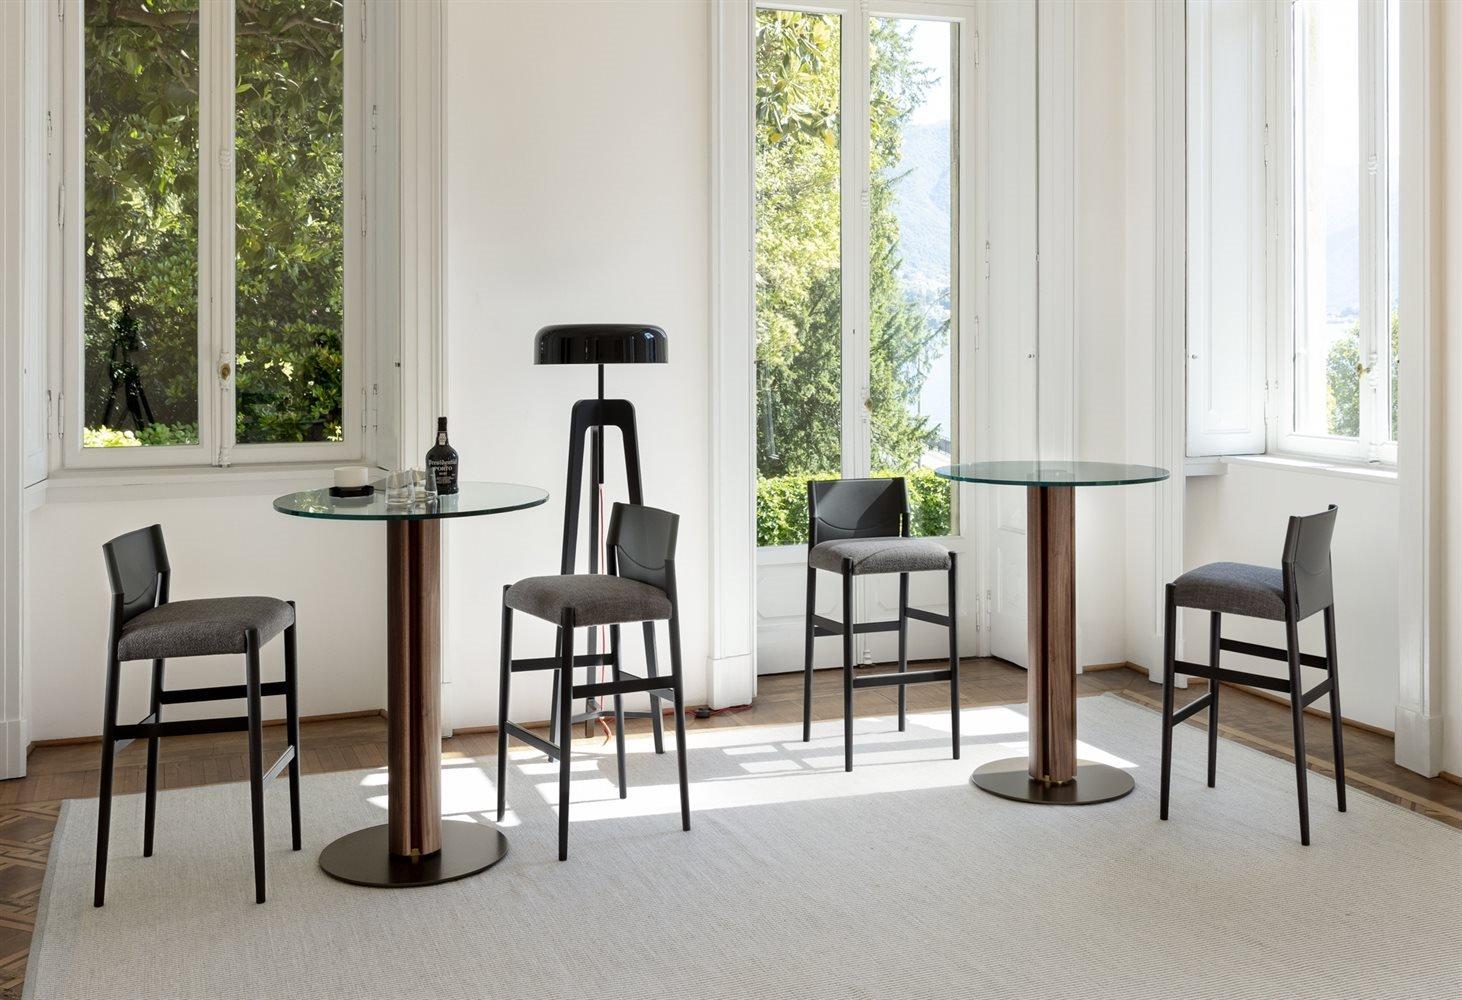 Sveva Bar Stool from Porada, designed by G. & O. Buratti